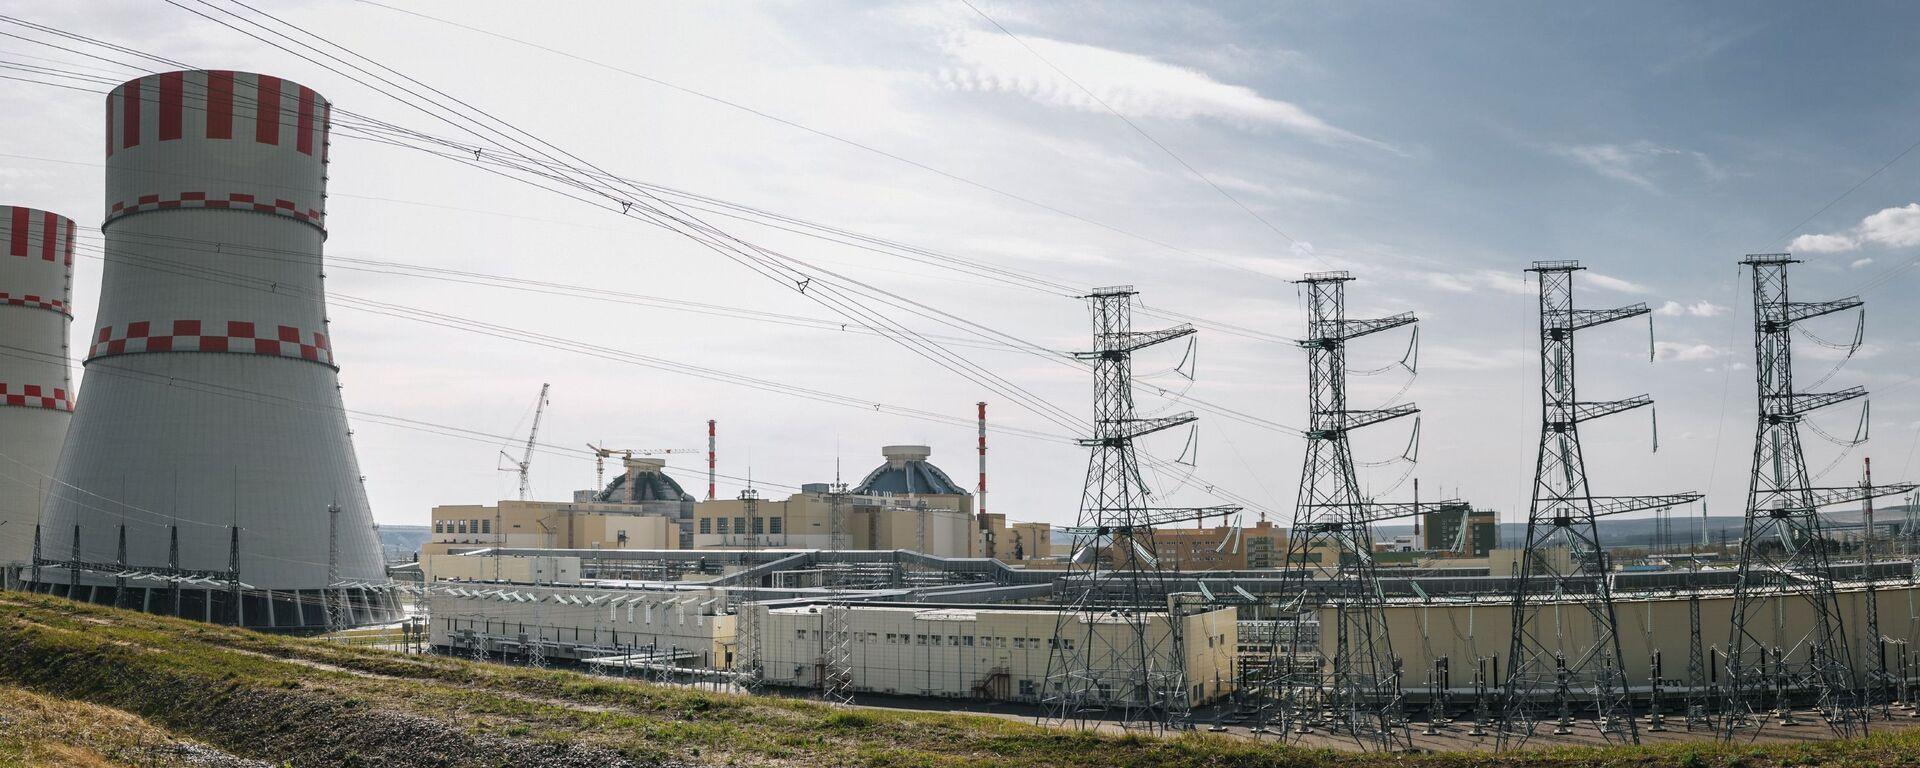 Jaderný blok Novovoroněžské jaderné elektrárny s reaktory VVER-1200 generece III+ - Sputnik Česká republika, 1920, 18.12.2020